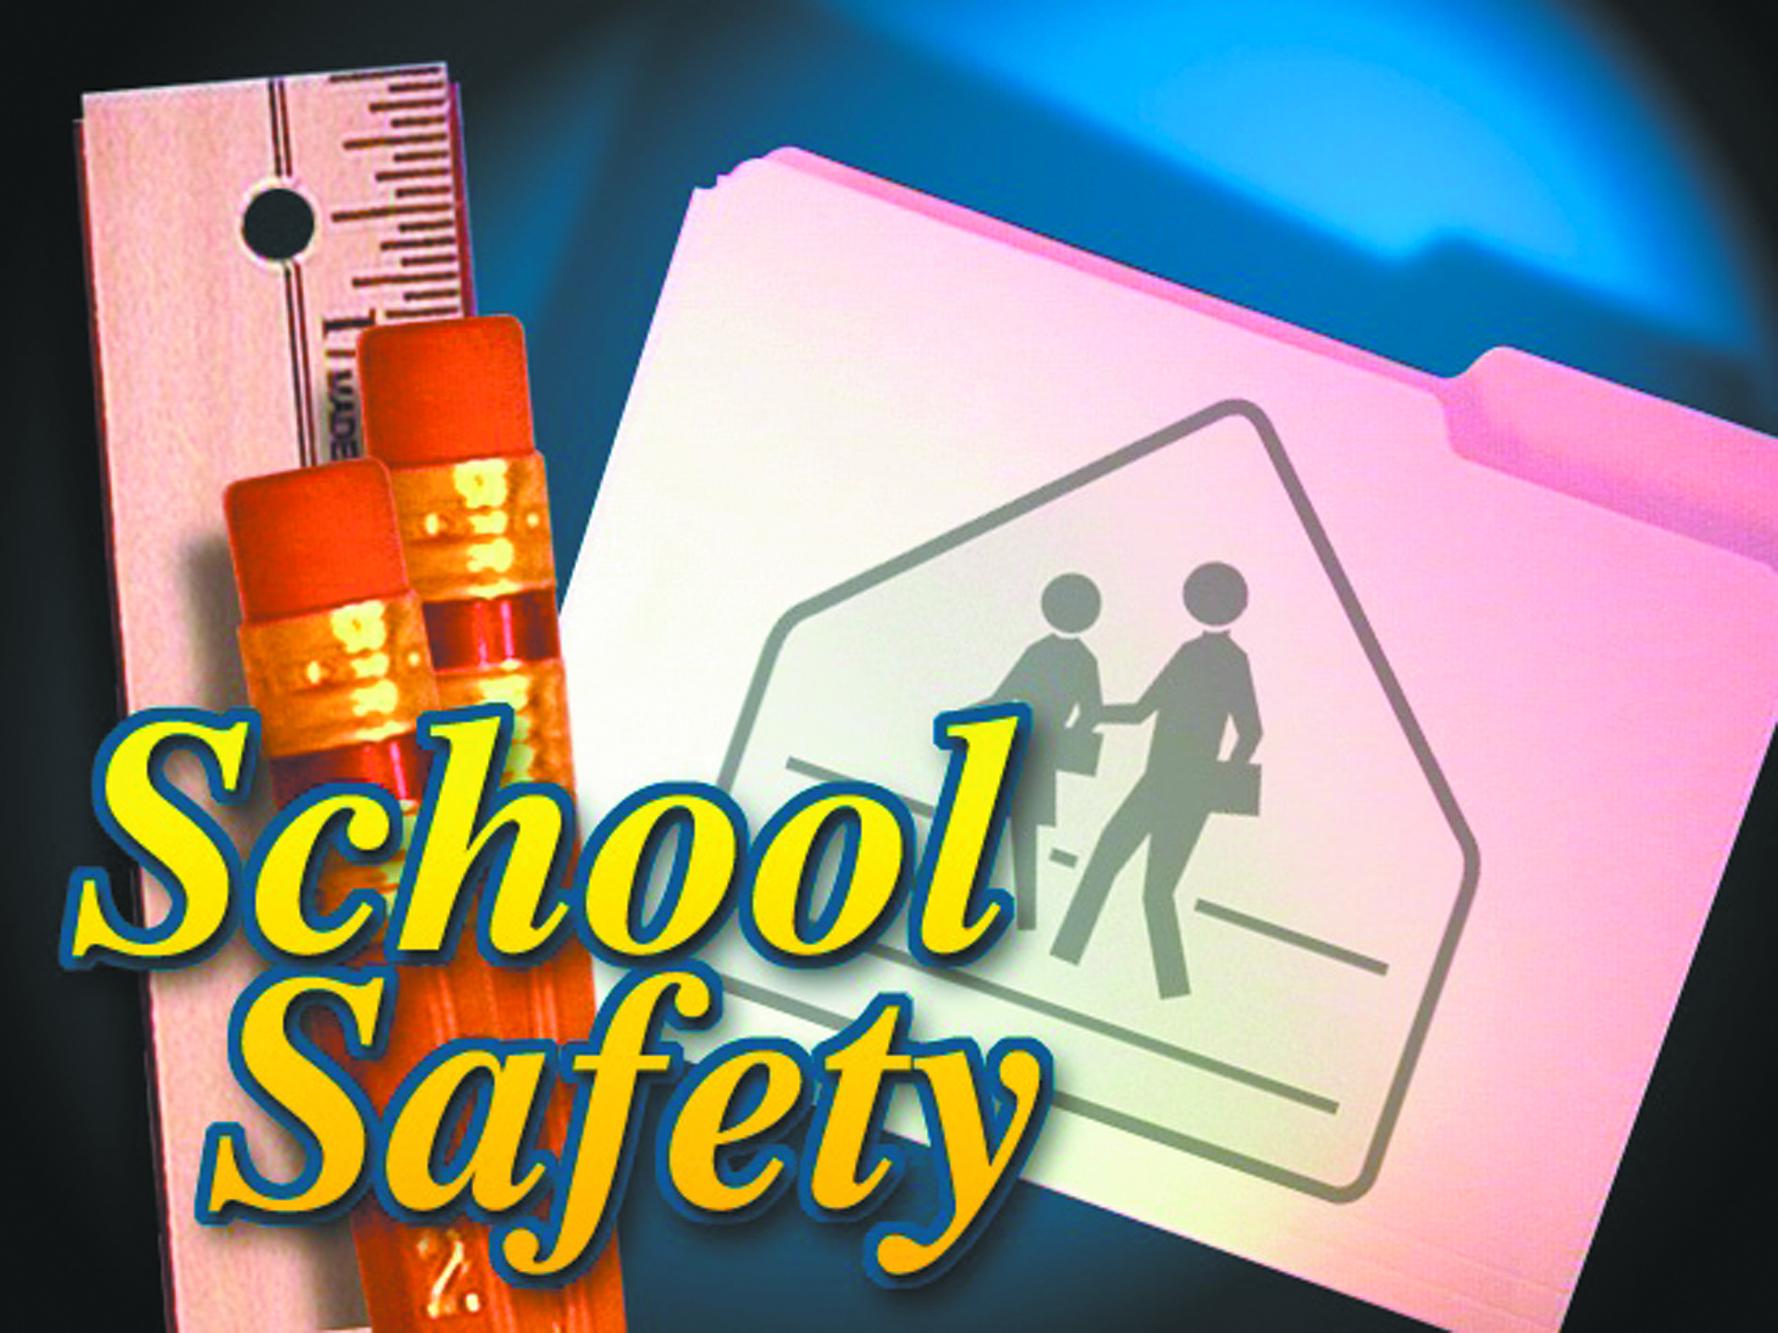 Schools examine security